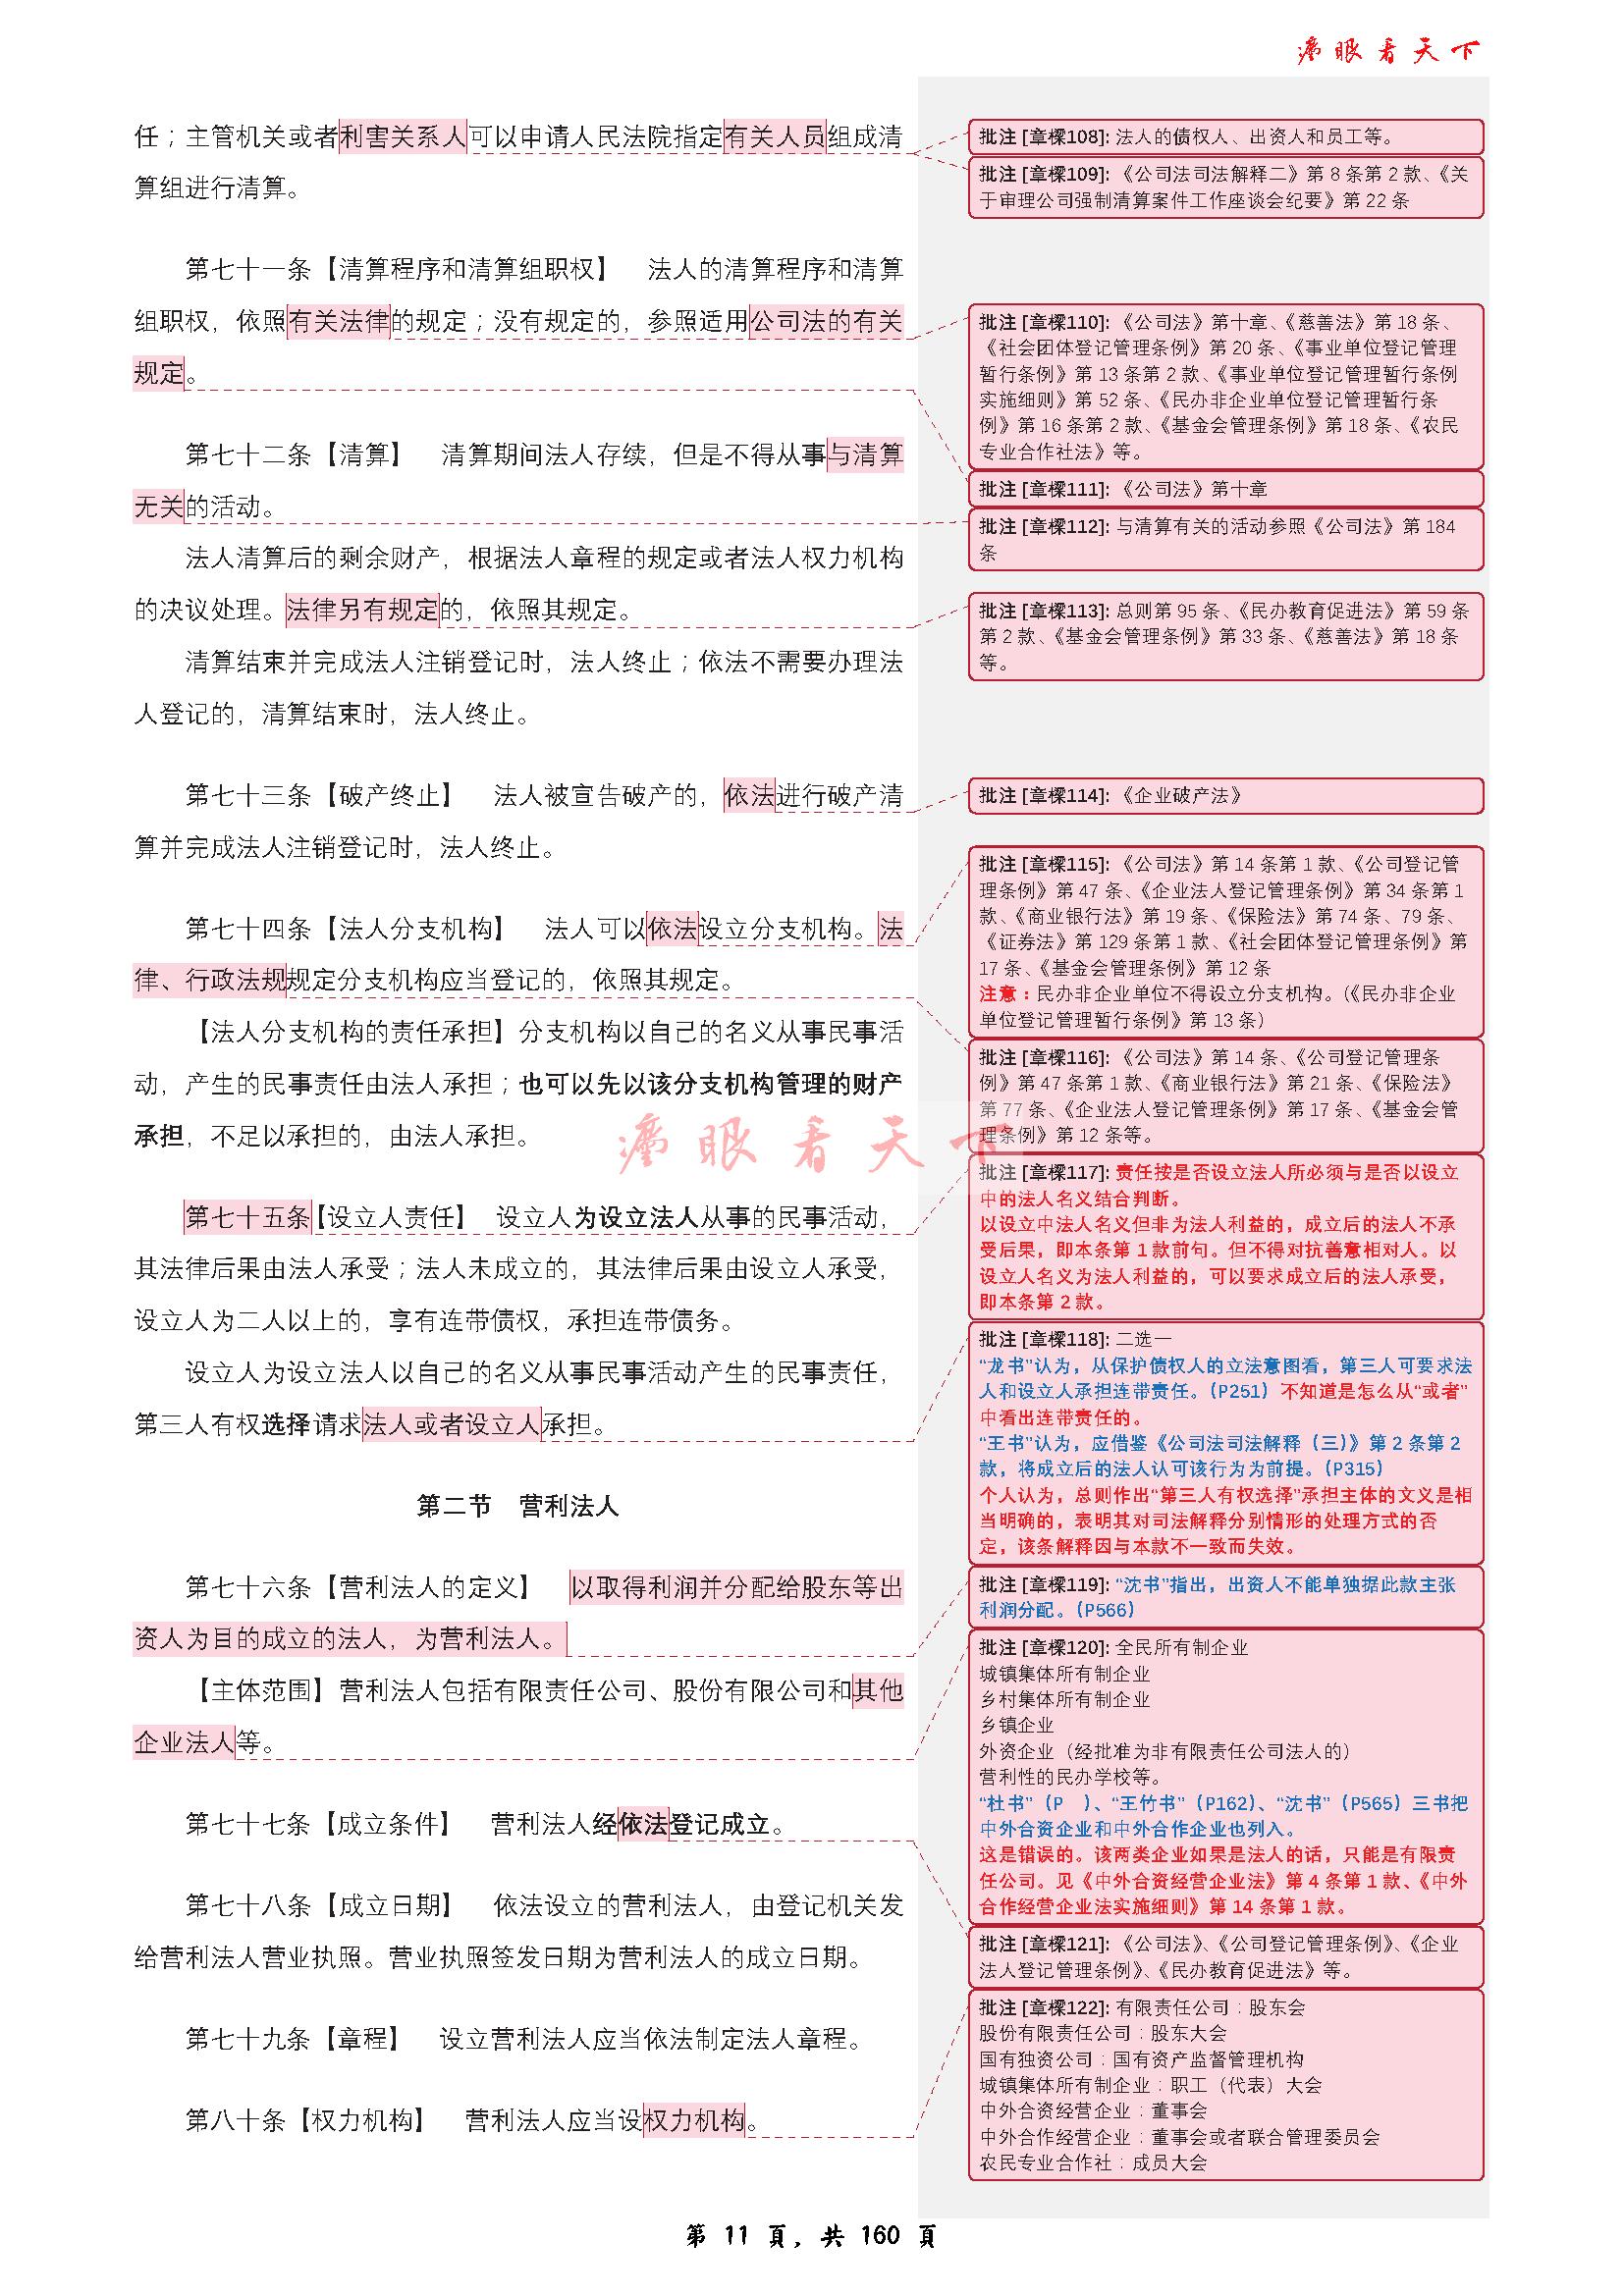 民法总则批注_页面_11.png